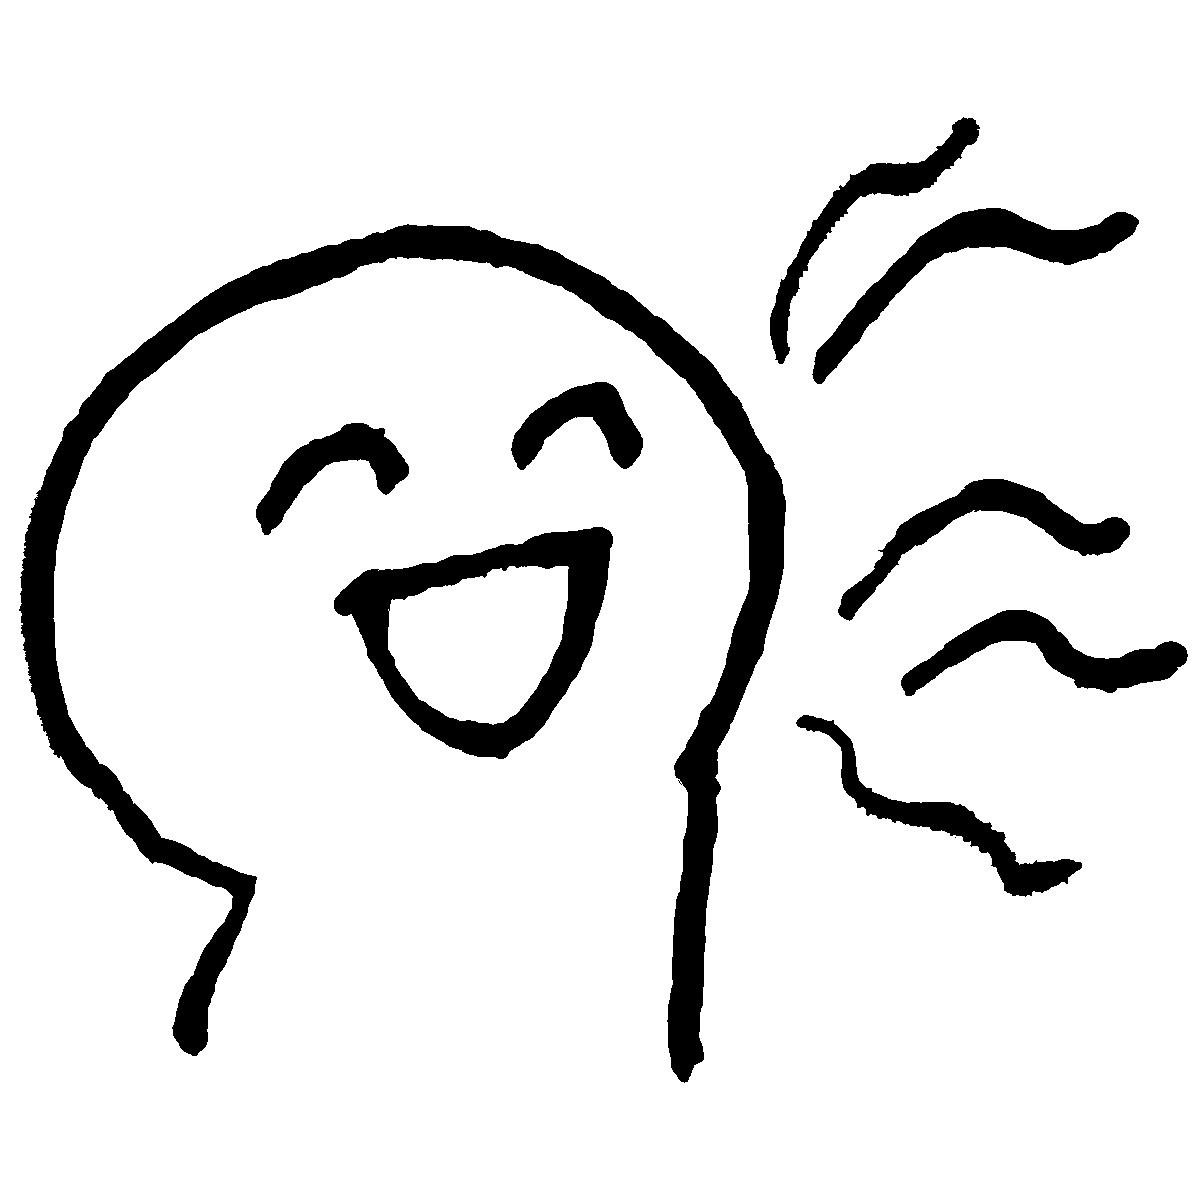 くさい息のイラスト / Stinking breath Illustration